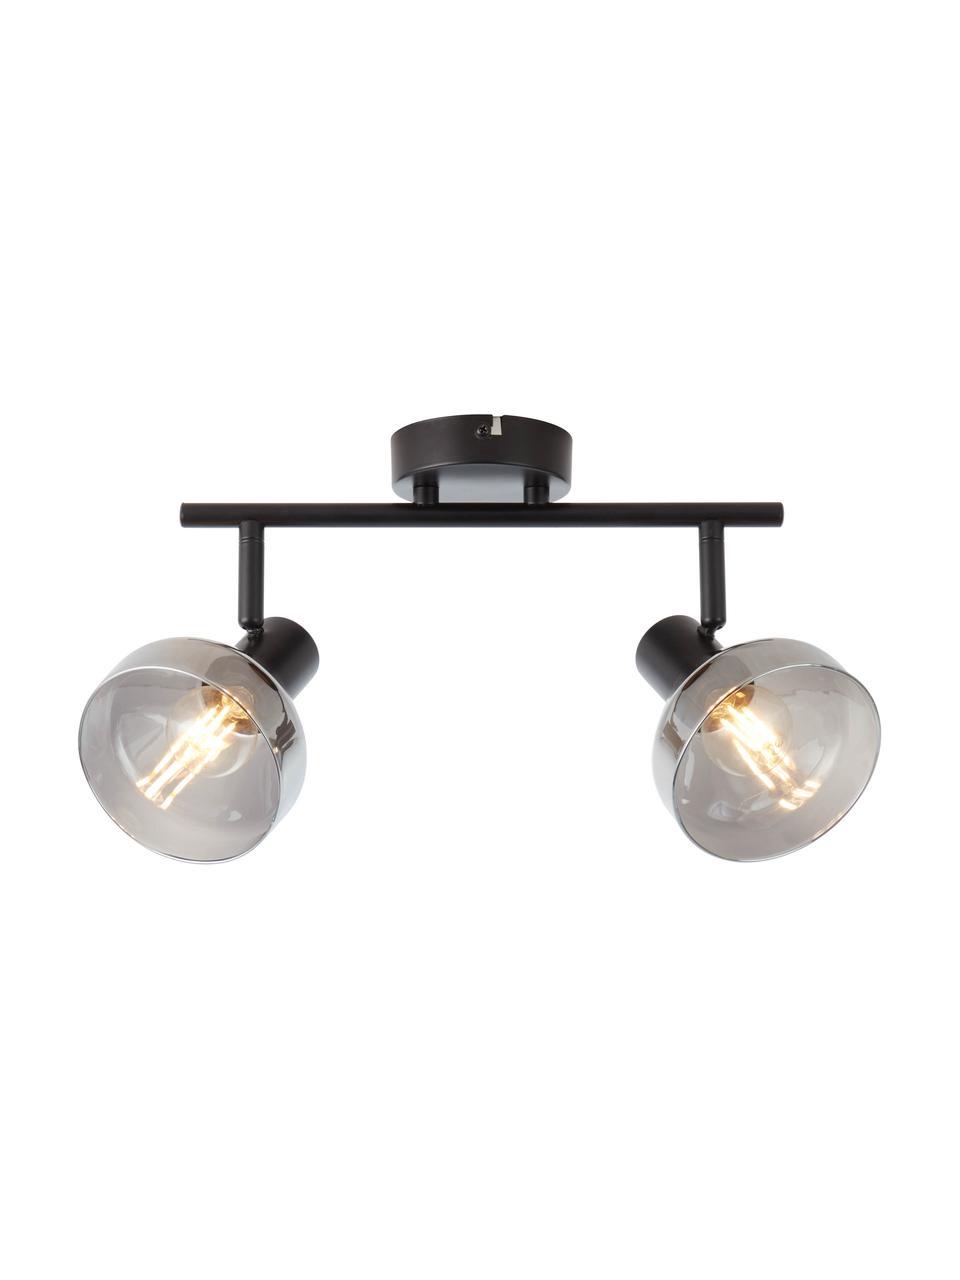 Lampa sufitowa ze szkła Reflekt, Czarny, szary, transparentny, S 43 x W 20 cm